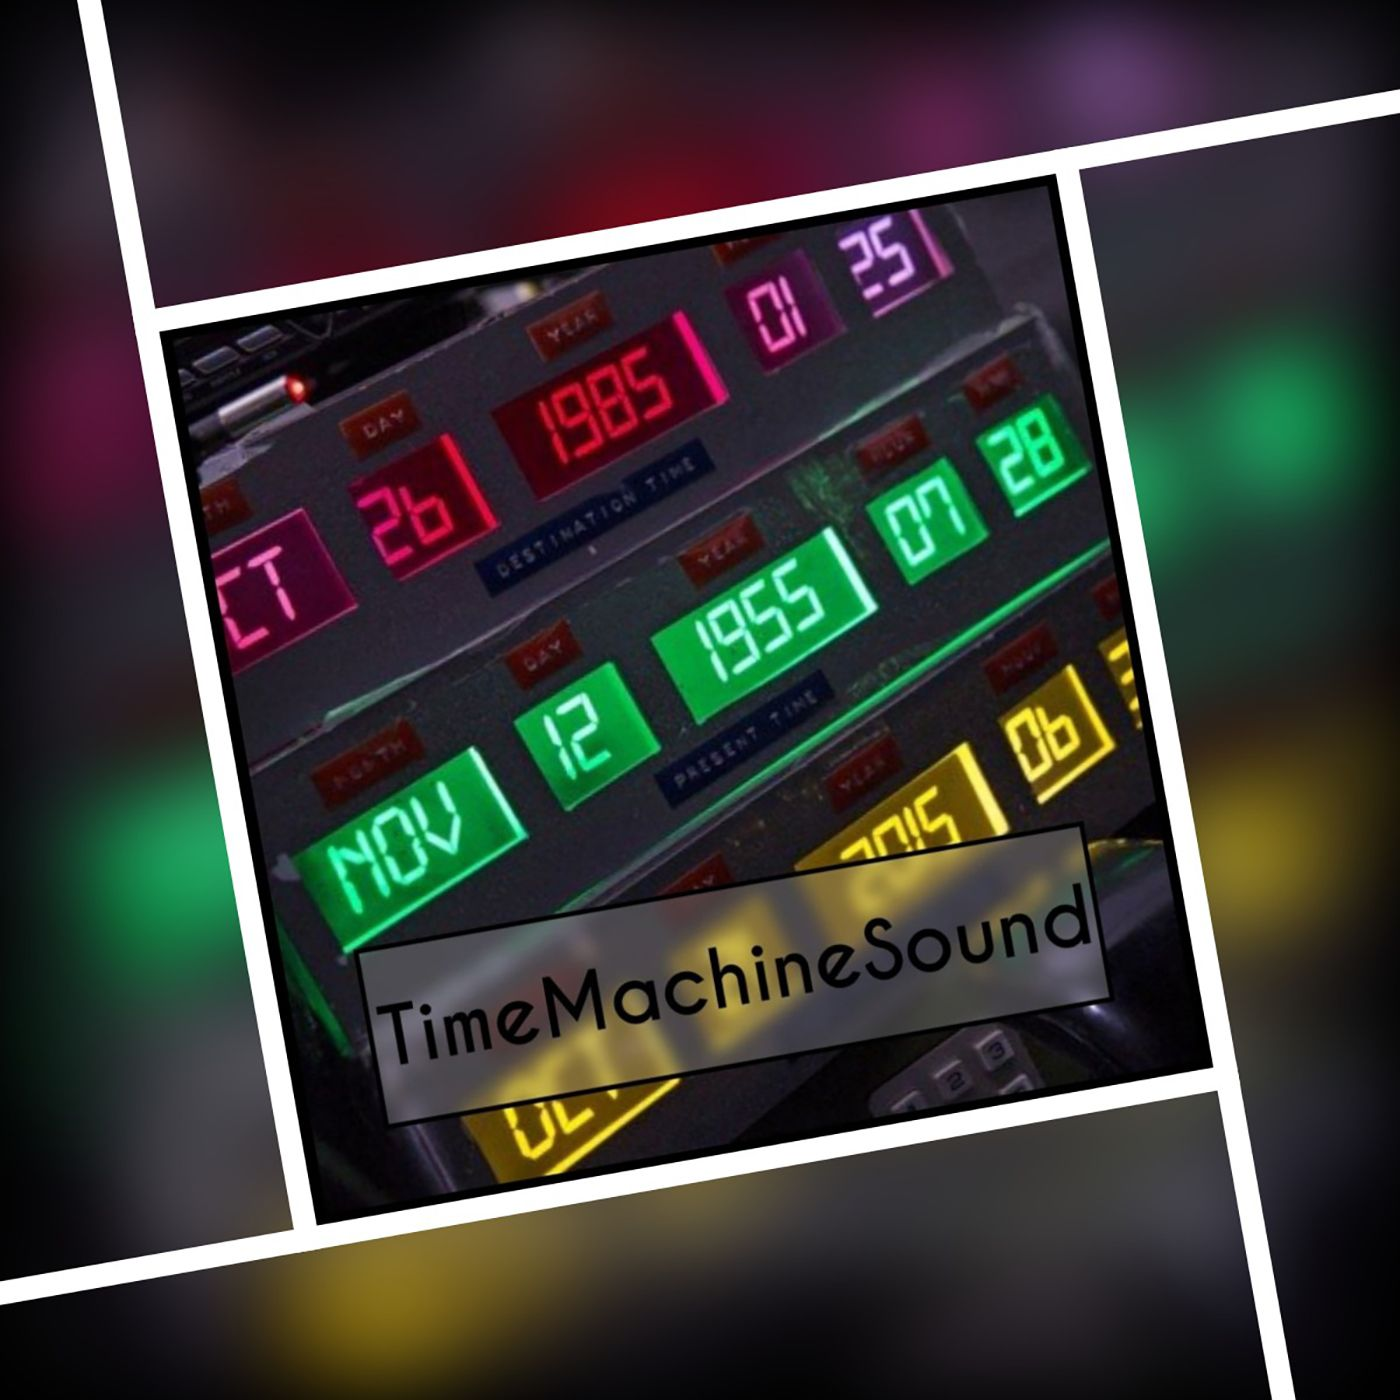 TimeMachineSound By DJ Jorge Gallardo